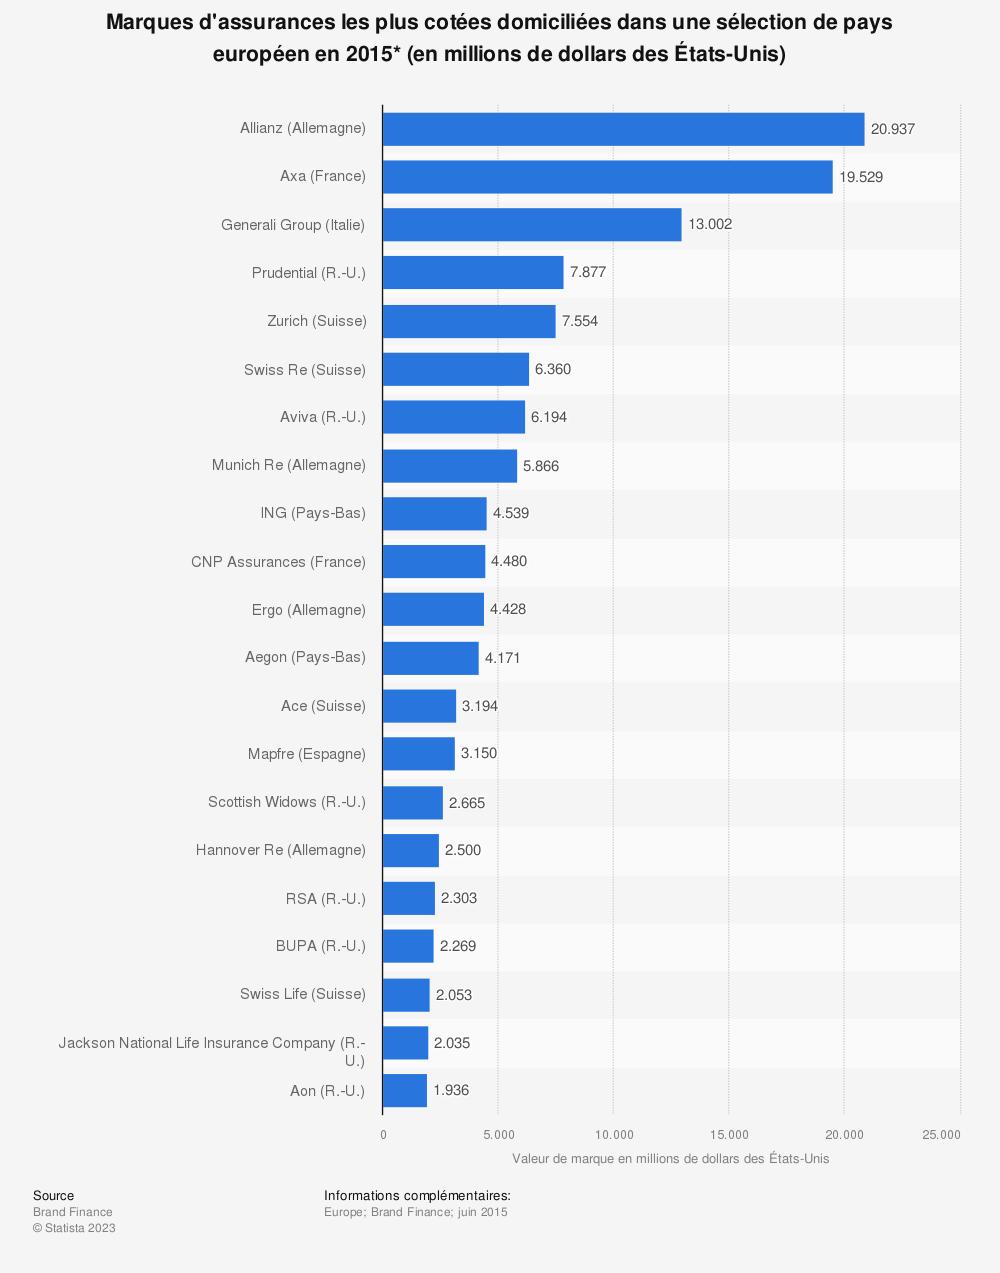 Statistique: Marques d'assurances les plus cotées domiciliées dans une sélection de pays européen en2015* (en millions de dollars des États-Unis) | Statista